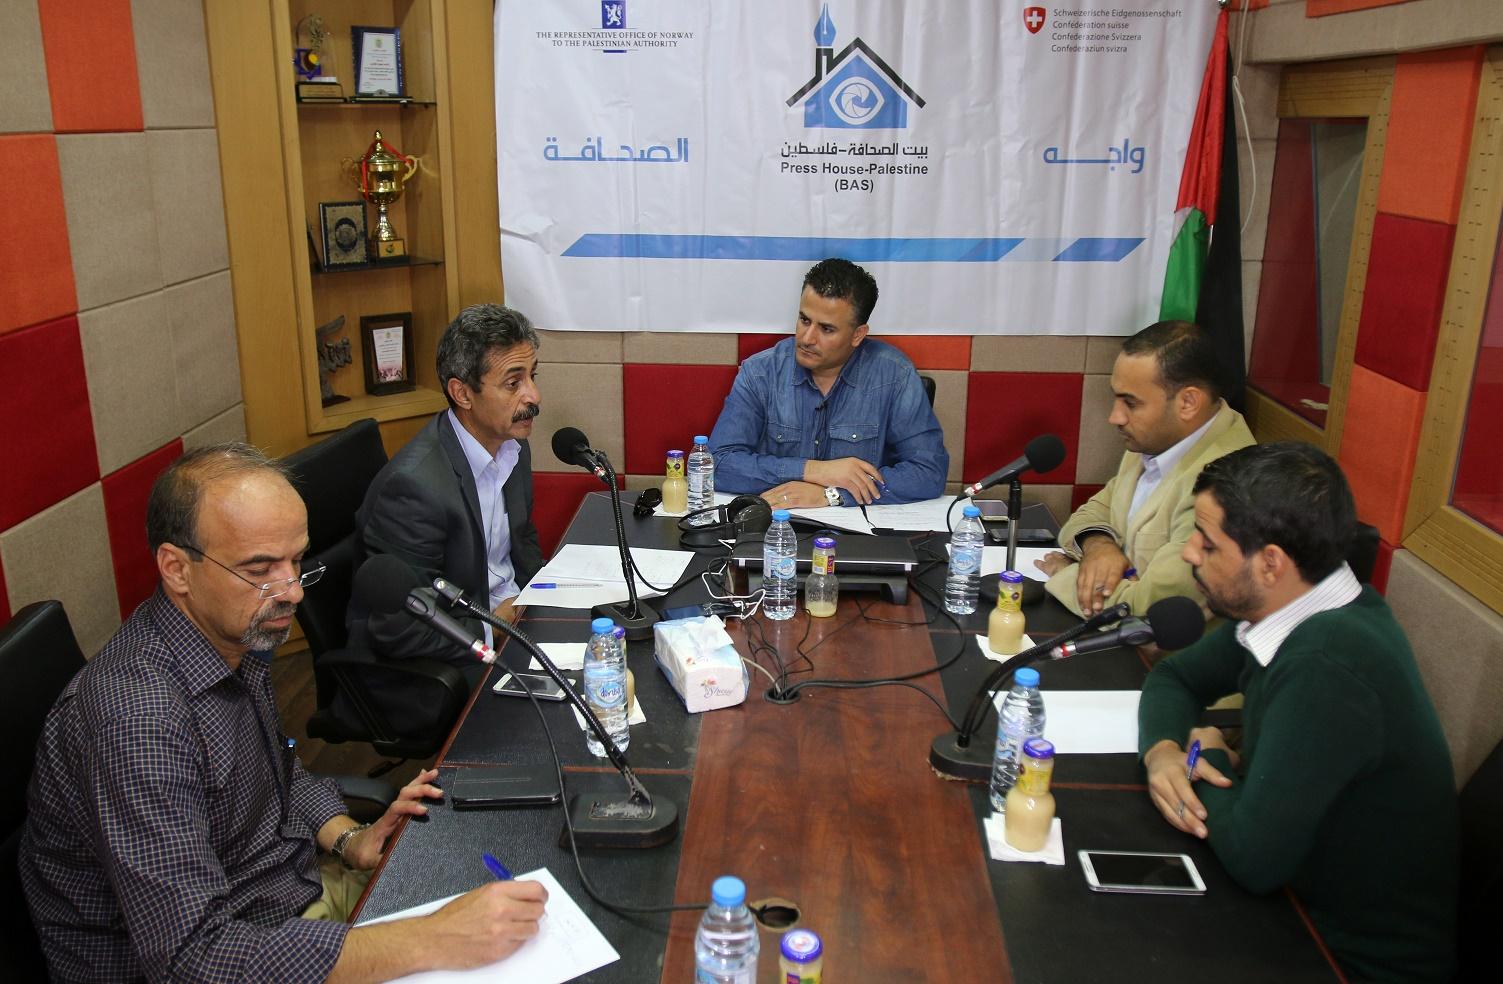 عبر إذاعة القدس.. بيت الصحافة ينظم لقاء واجه الصحافة حول آلية اعمار غزة الـ